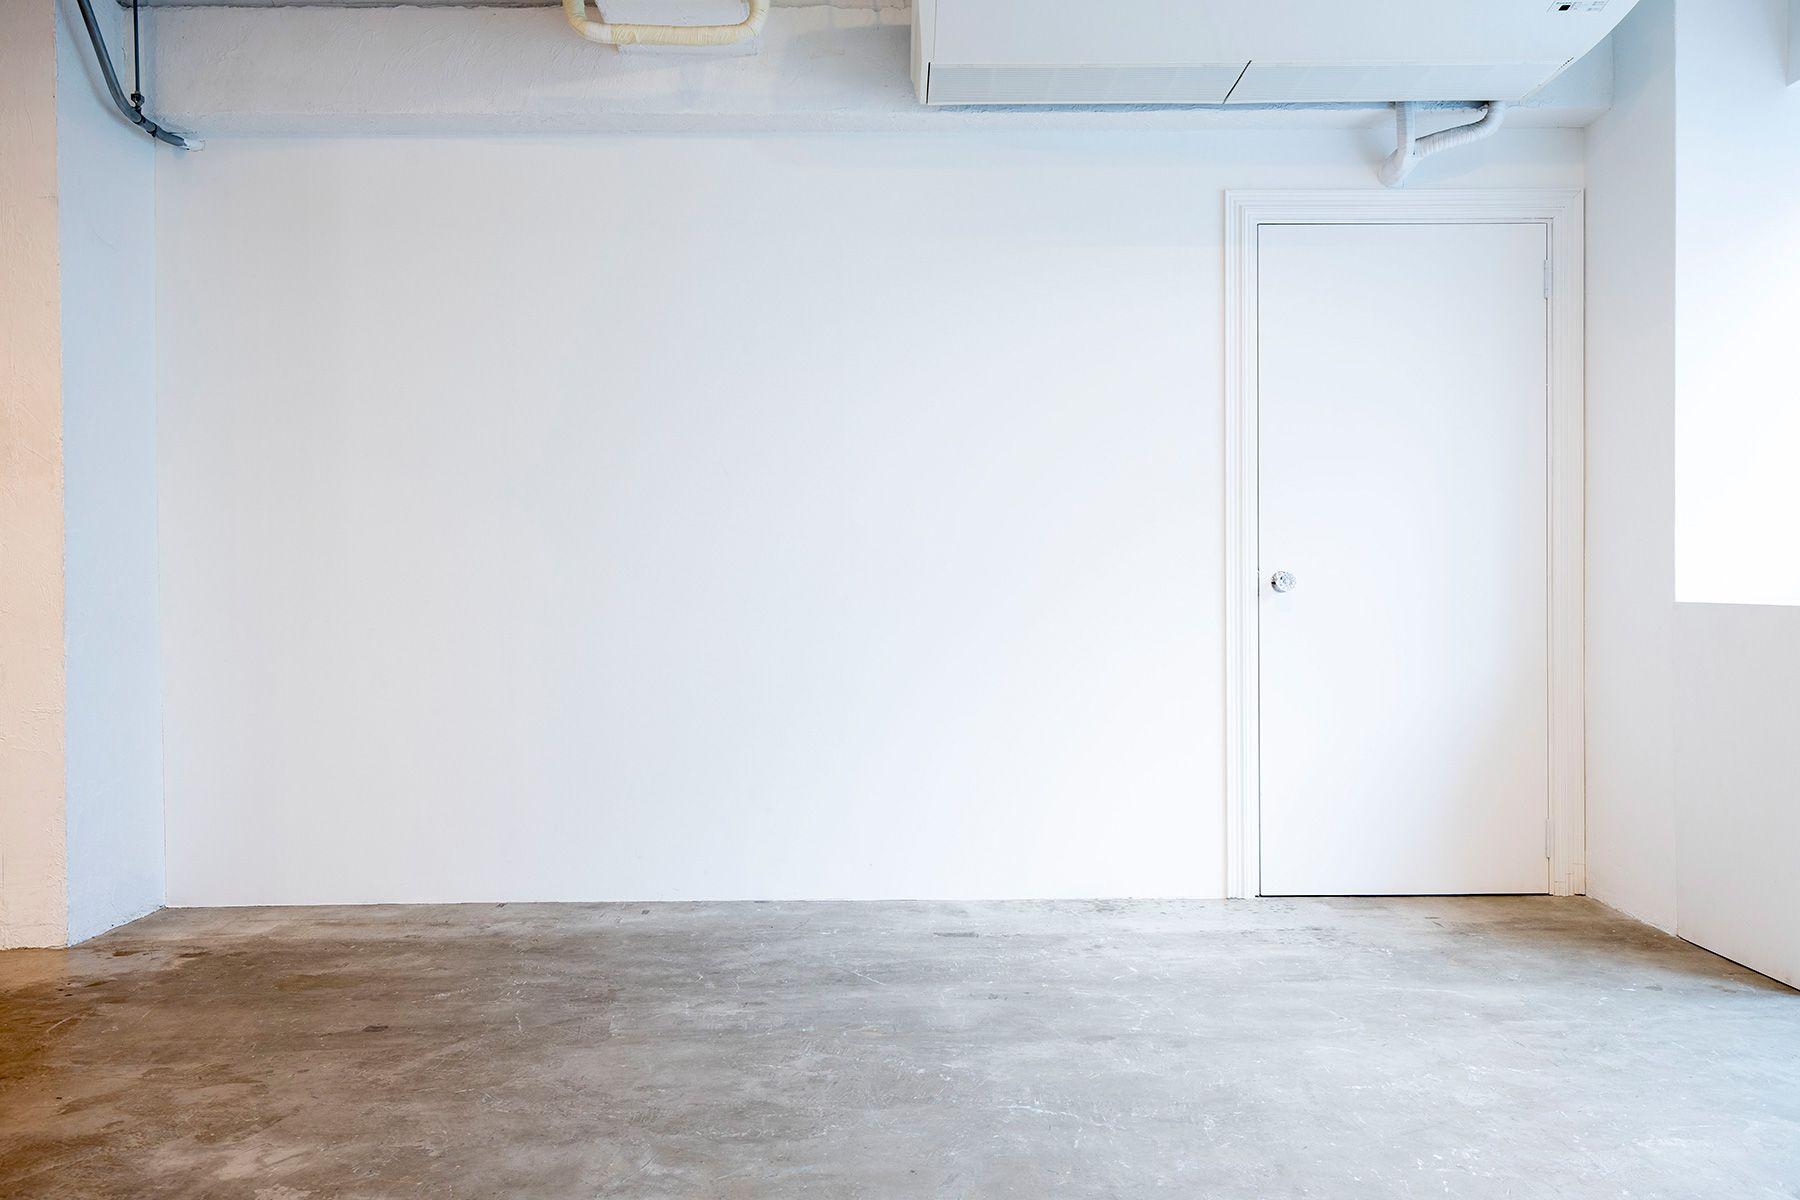 Studio 5th NAKAMEGURO (スタジオフィフス)青いドアの映える漆喰の壁